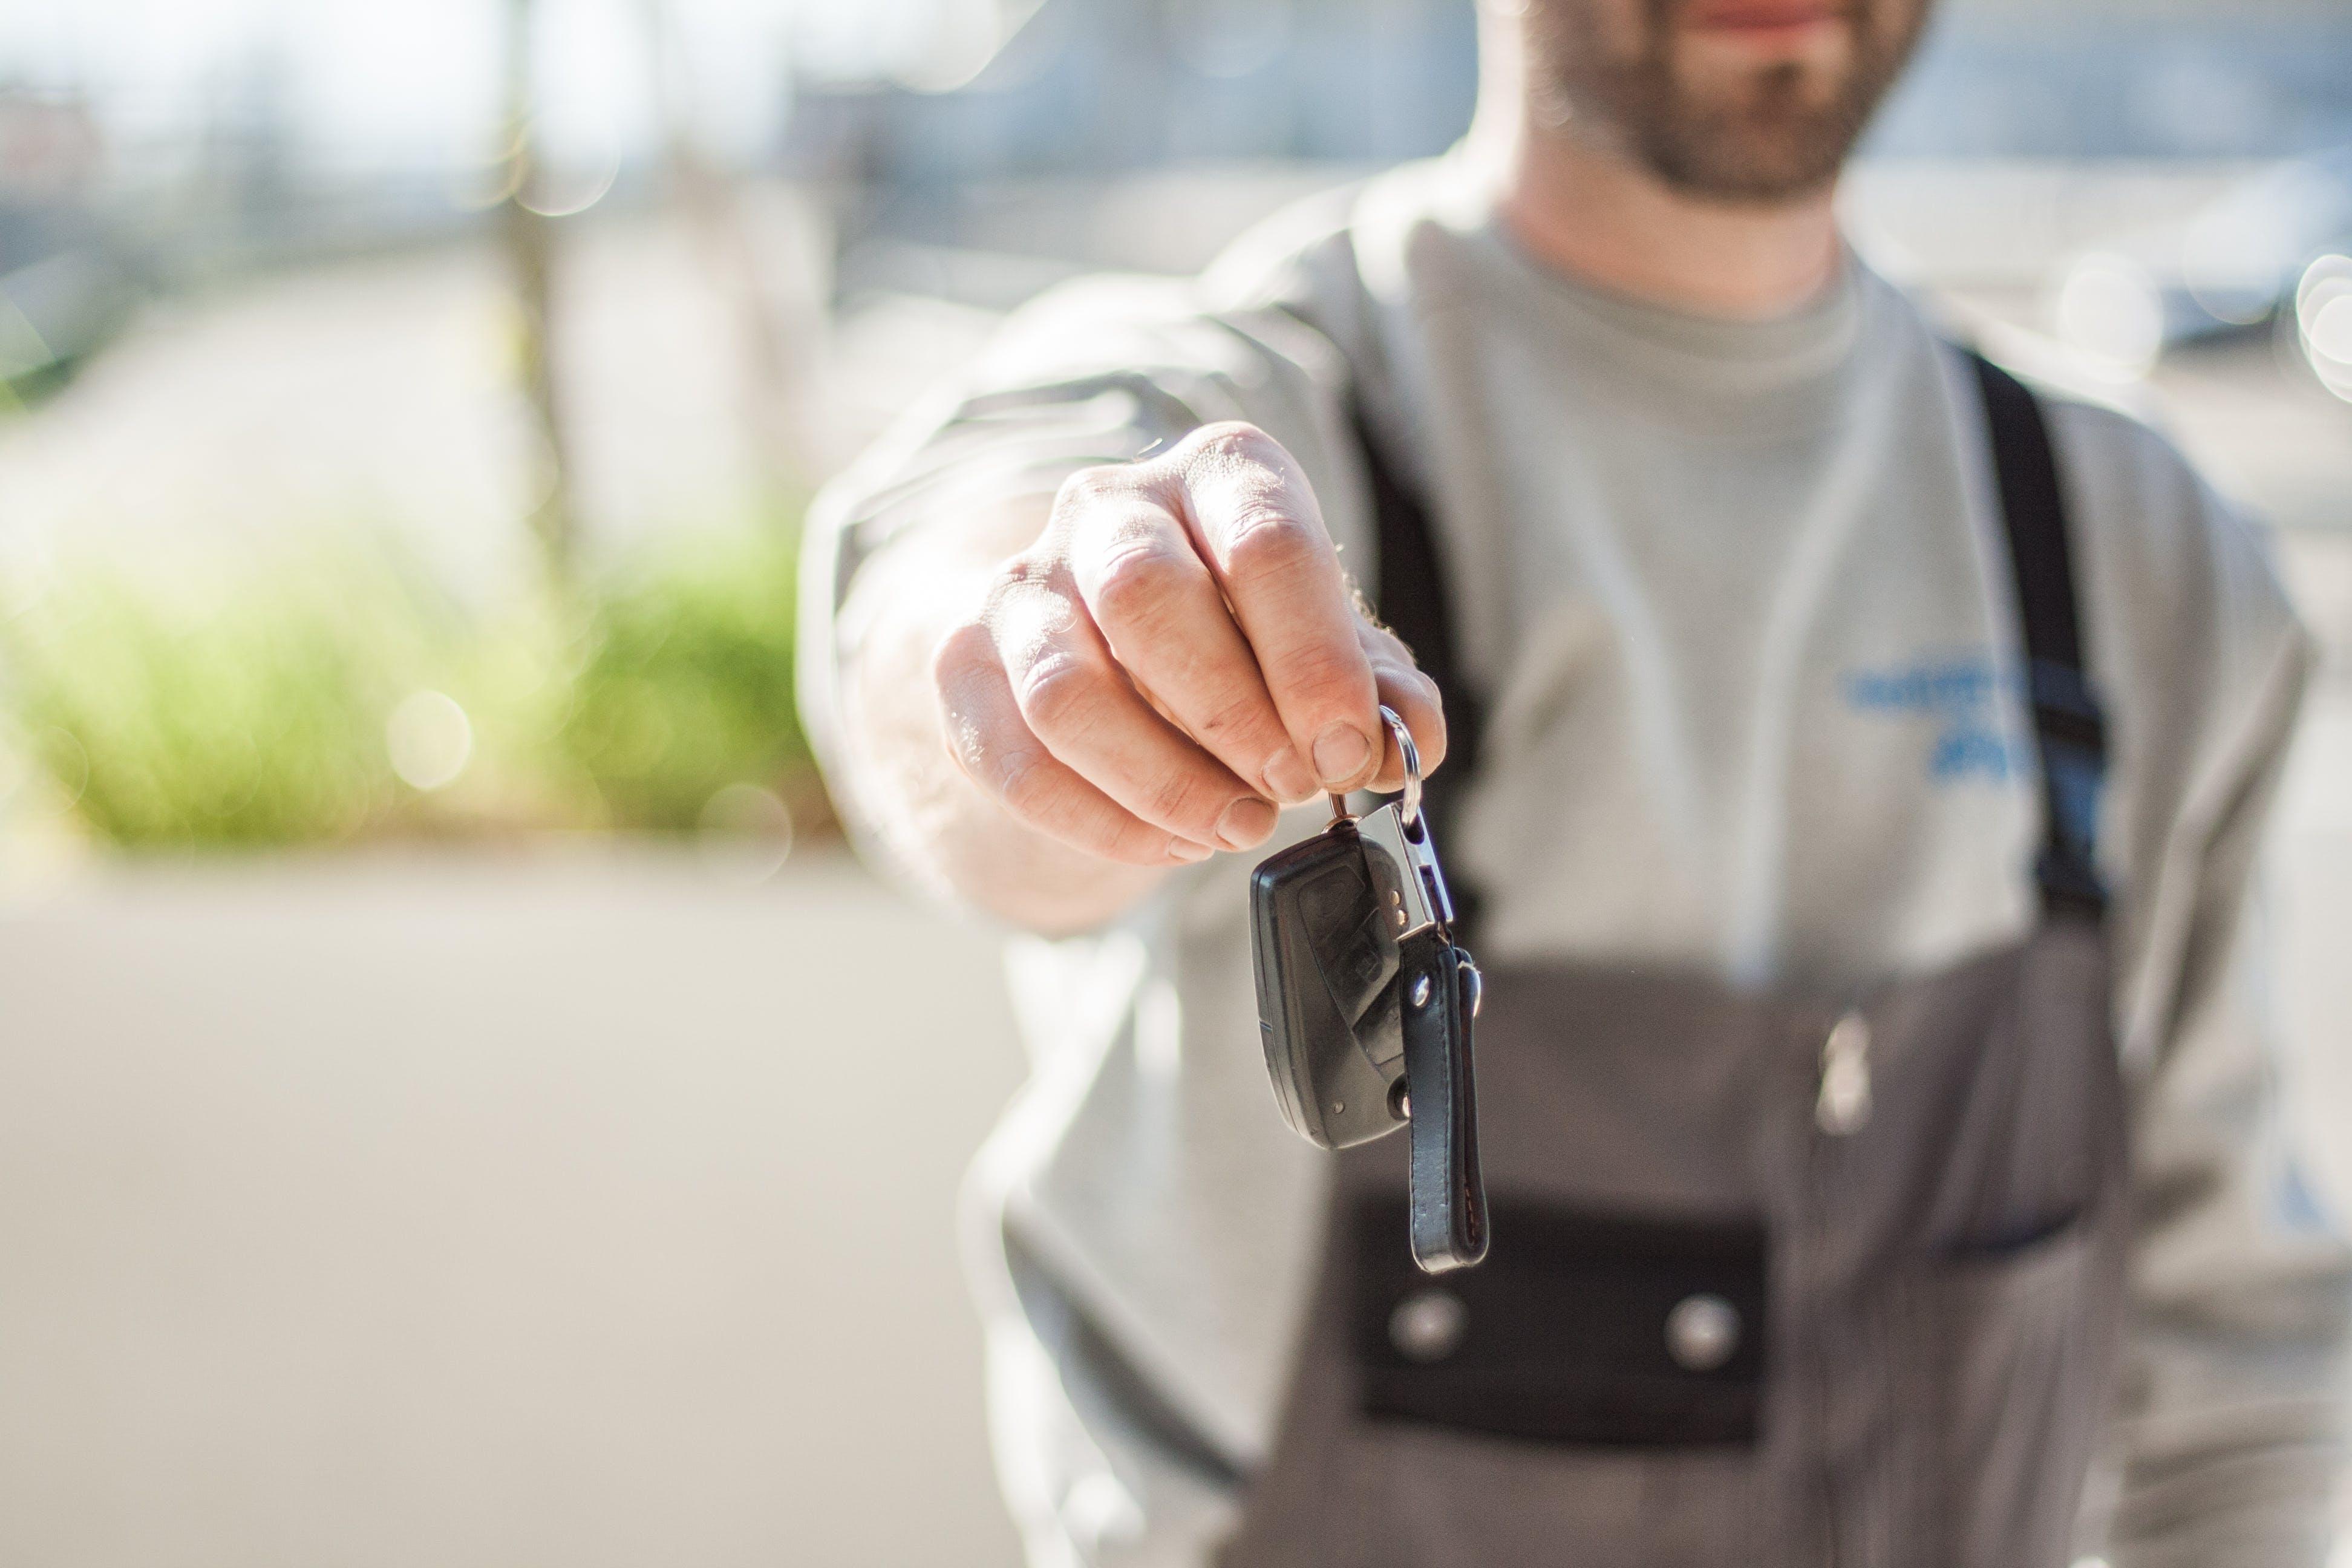 zu auto zu verkaufen, autohändler, autokauf, automechaniker